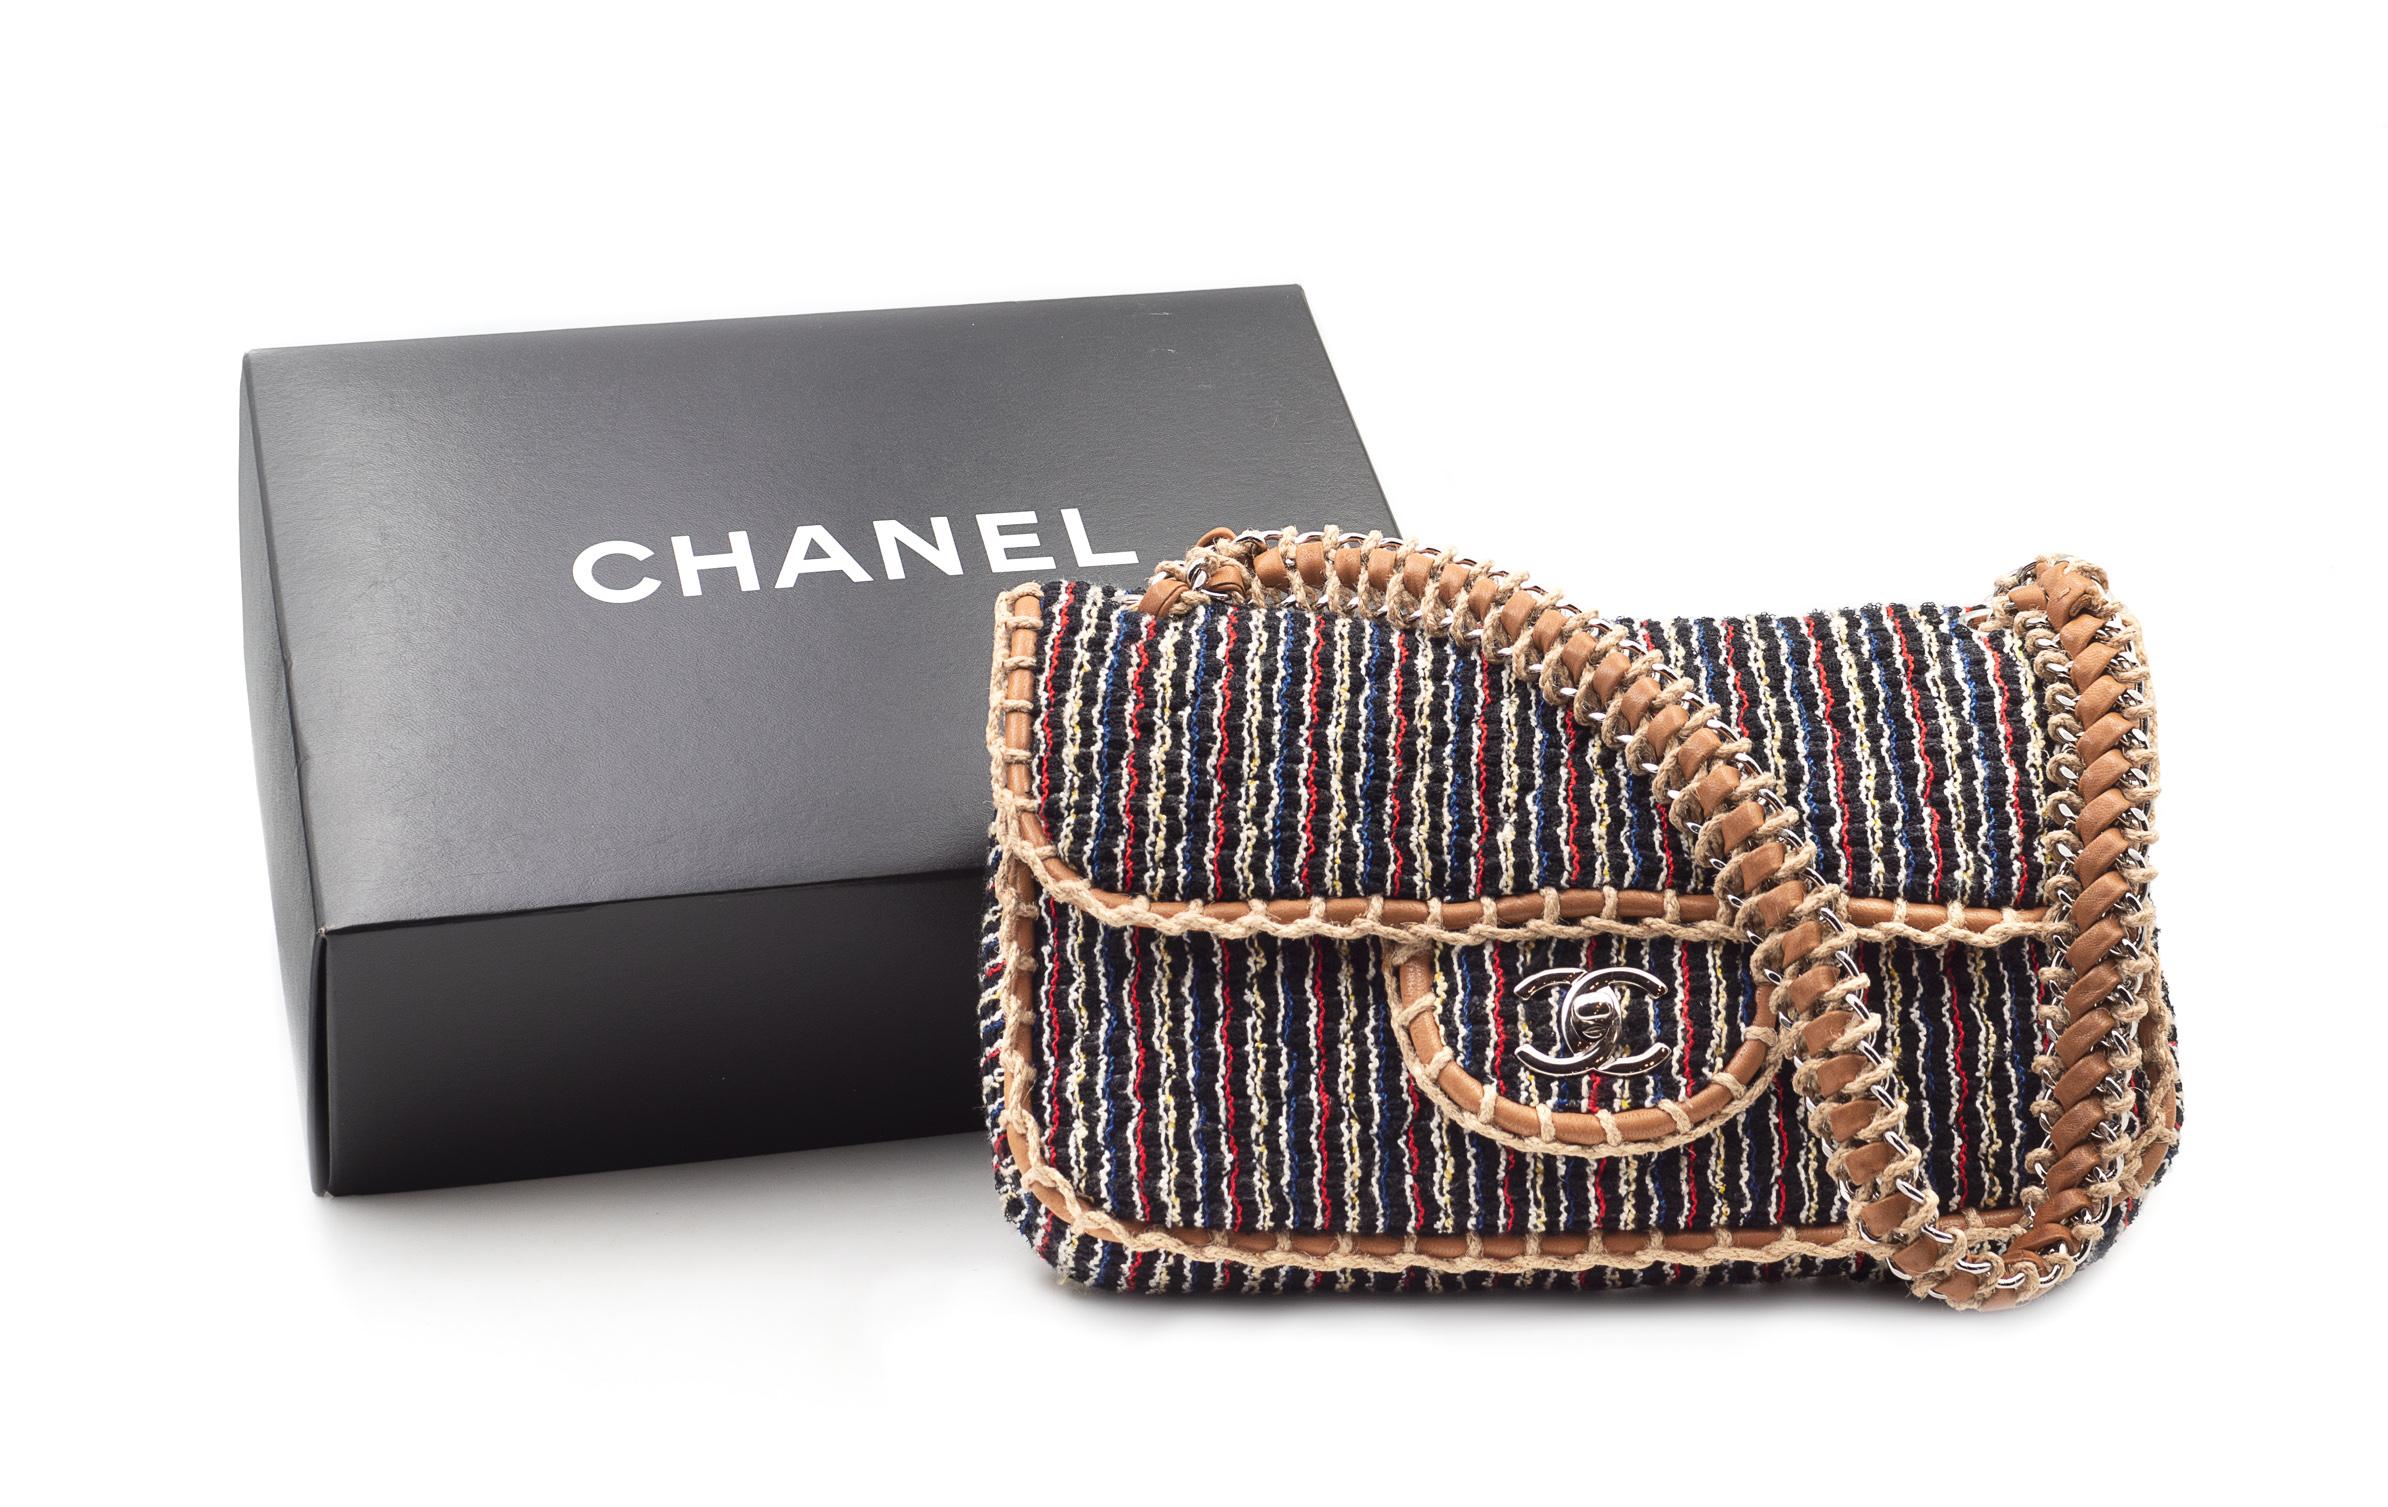 Da Hermès a Chanel. Intramontabili proposte fashion da Colasanti Casa d'Aste